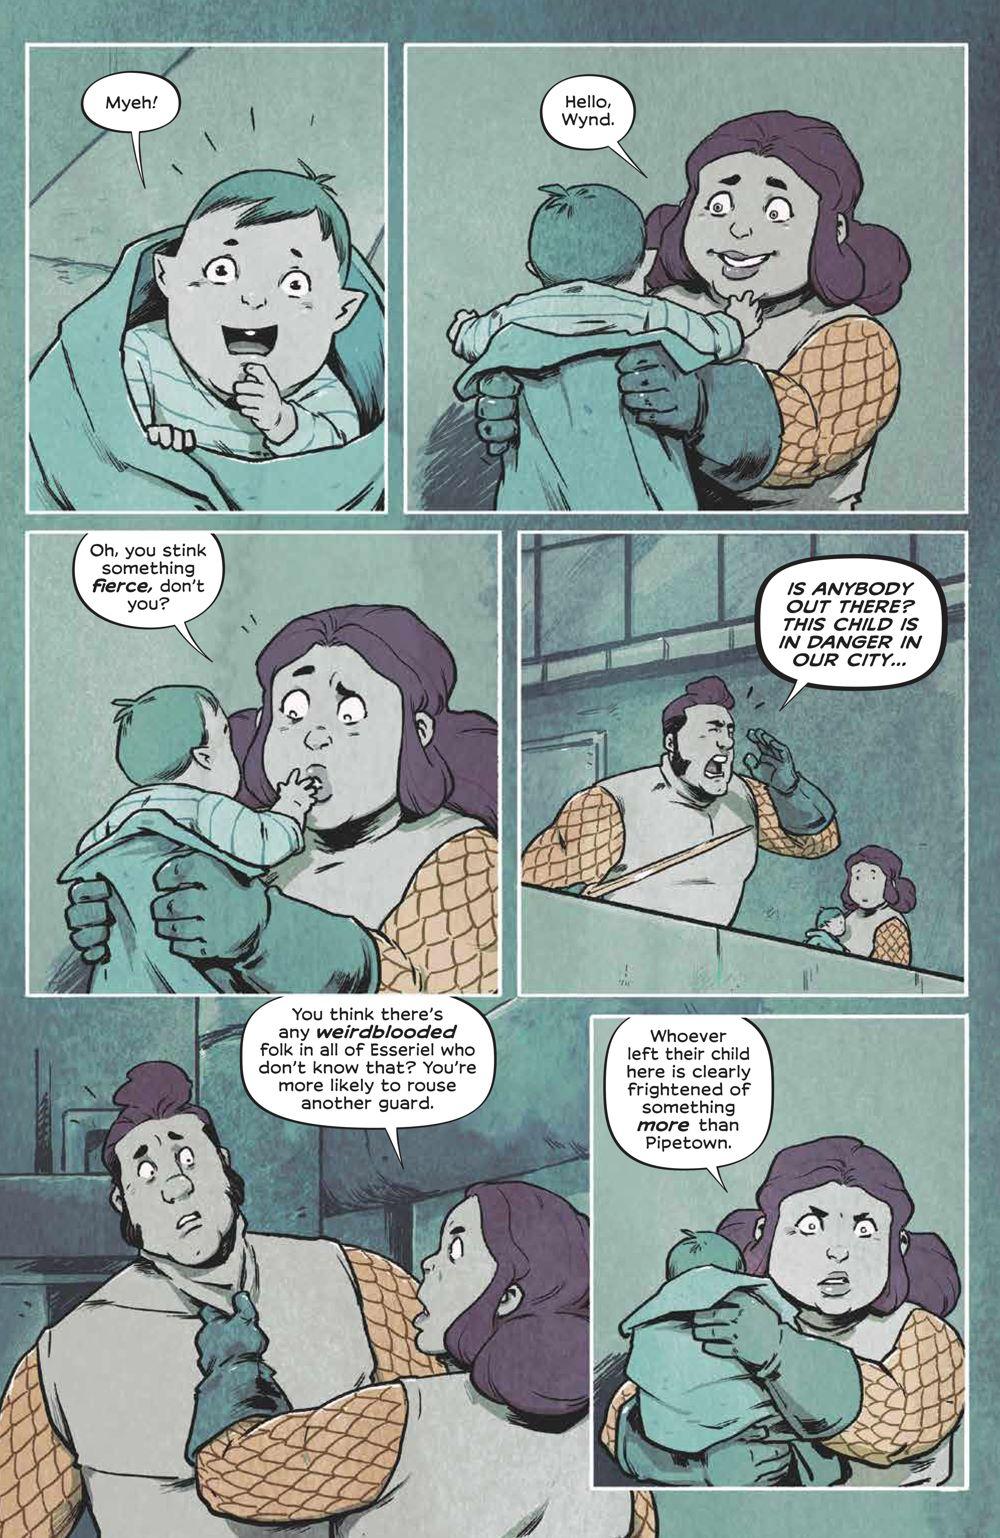 Wynd_006_PRESS_6 ComicList Previews: WYND #6 (OF 5)